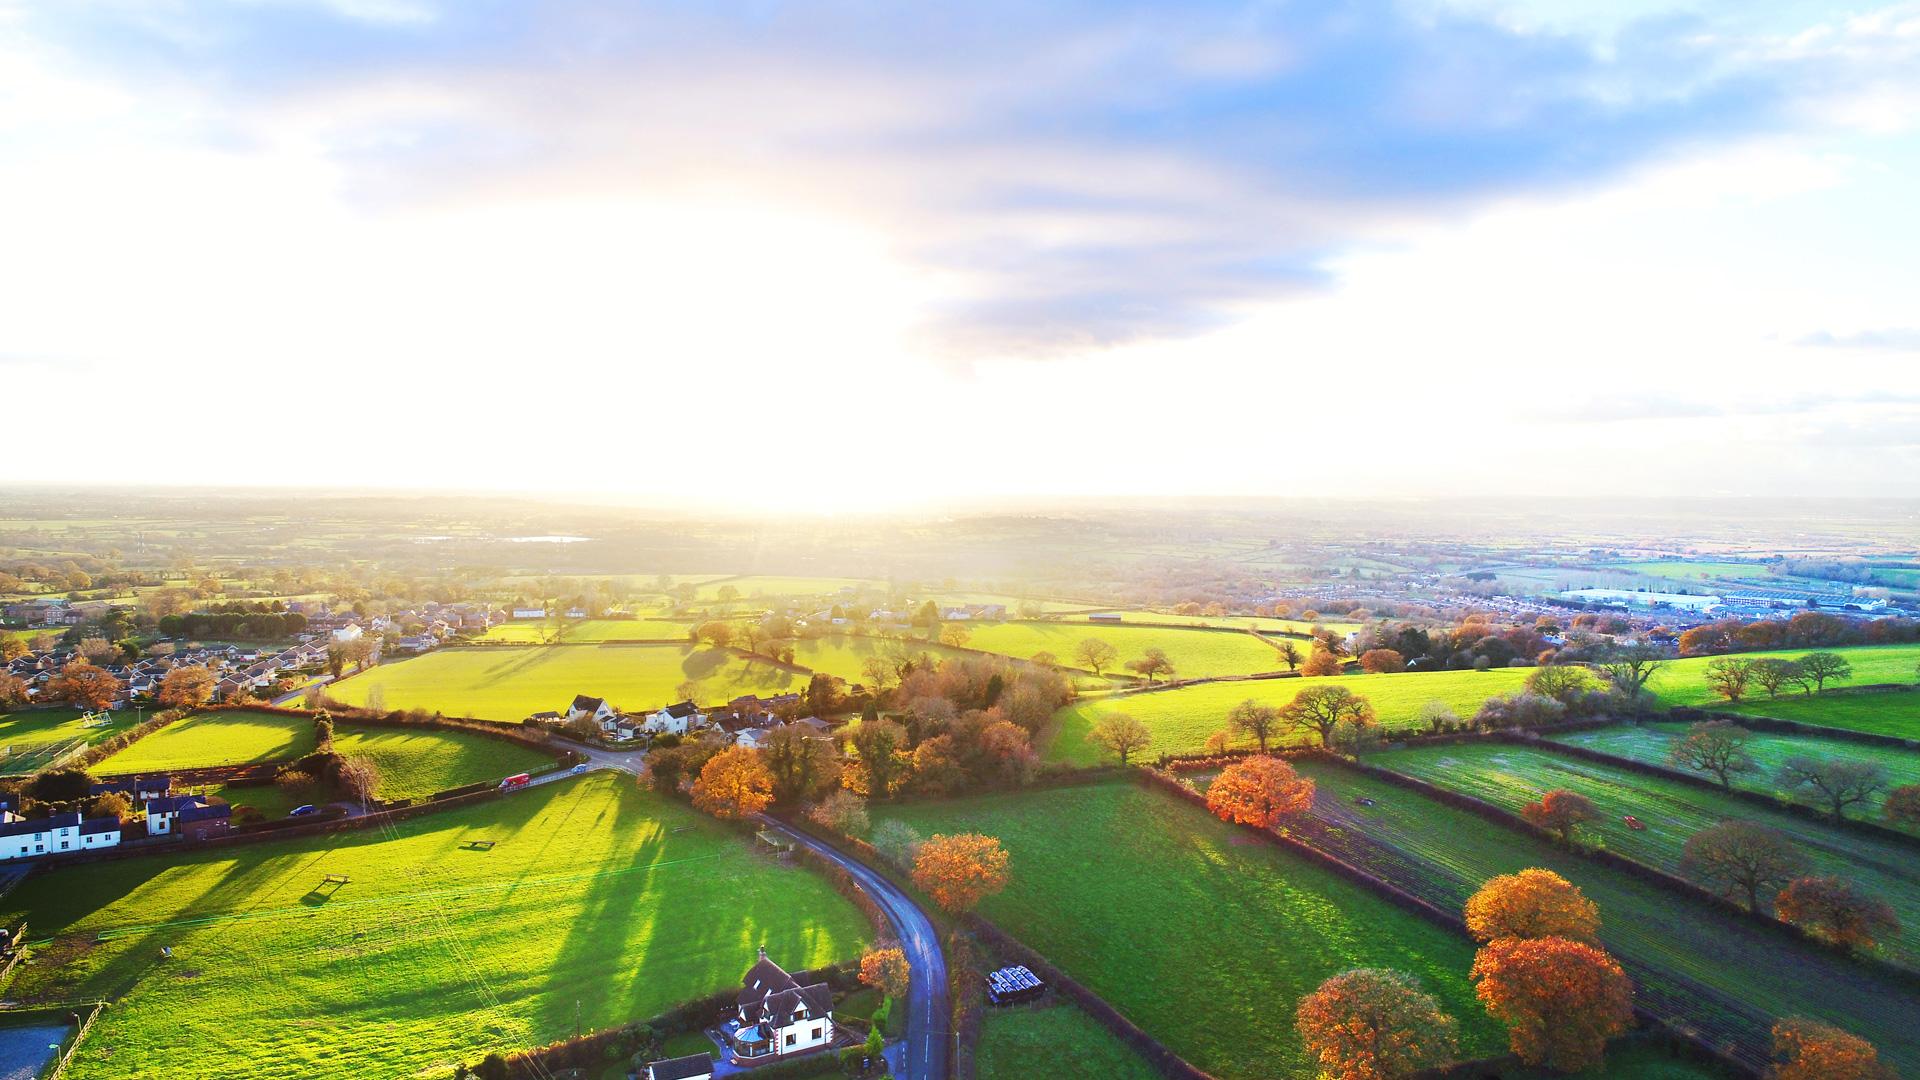 Alvanley Aerial